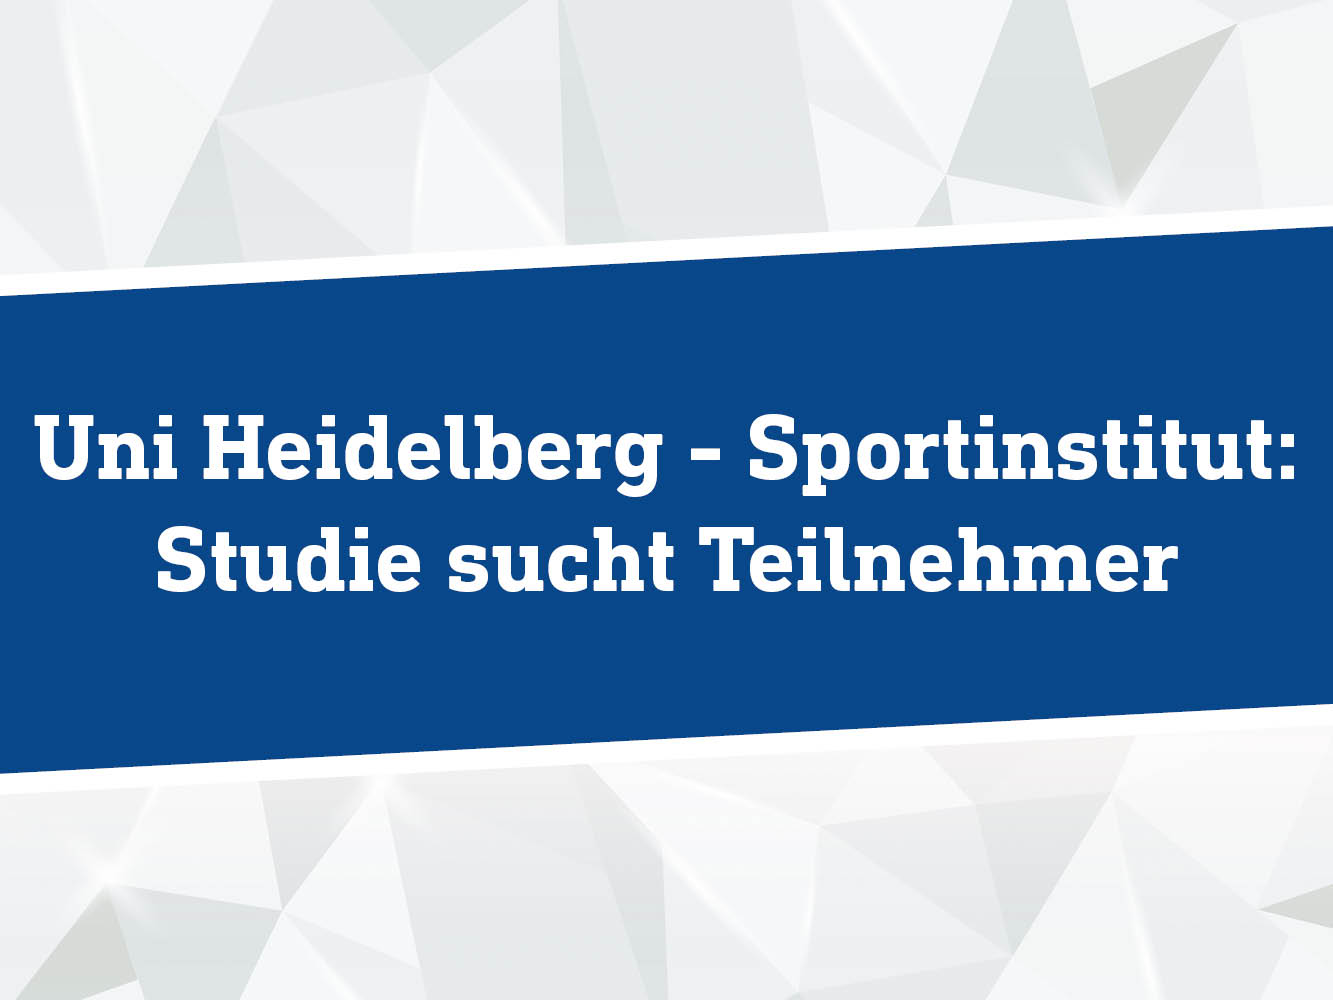 Uni Heidelberg – Sportinstitut: Studie Sucht Teilnehmer